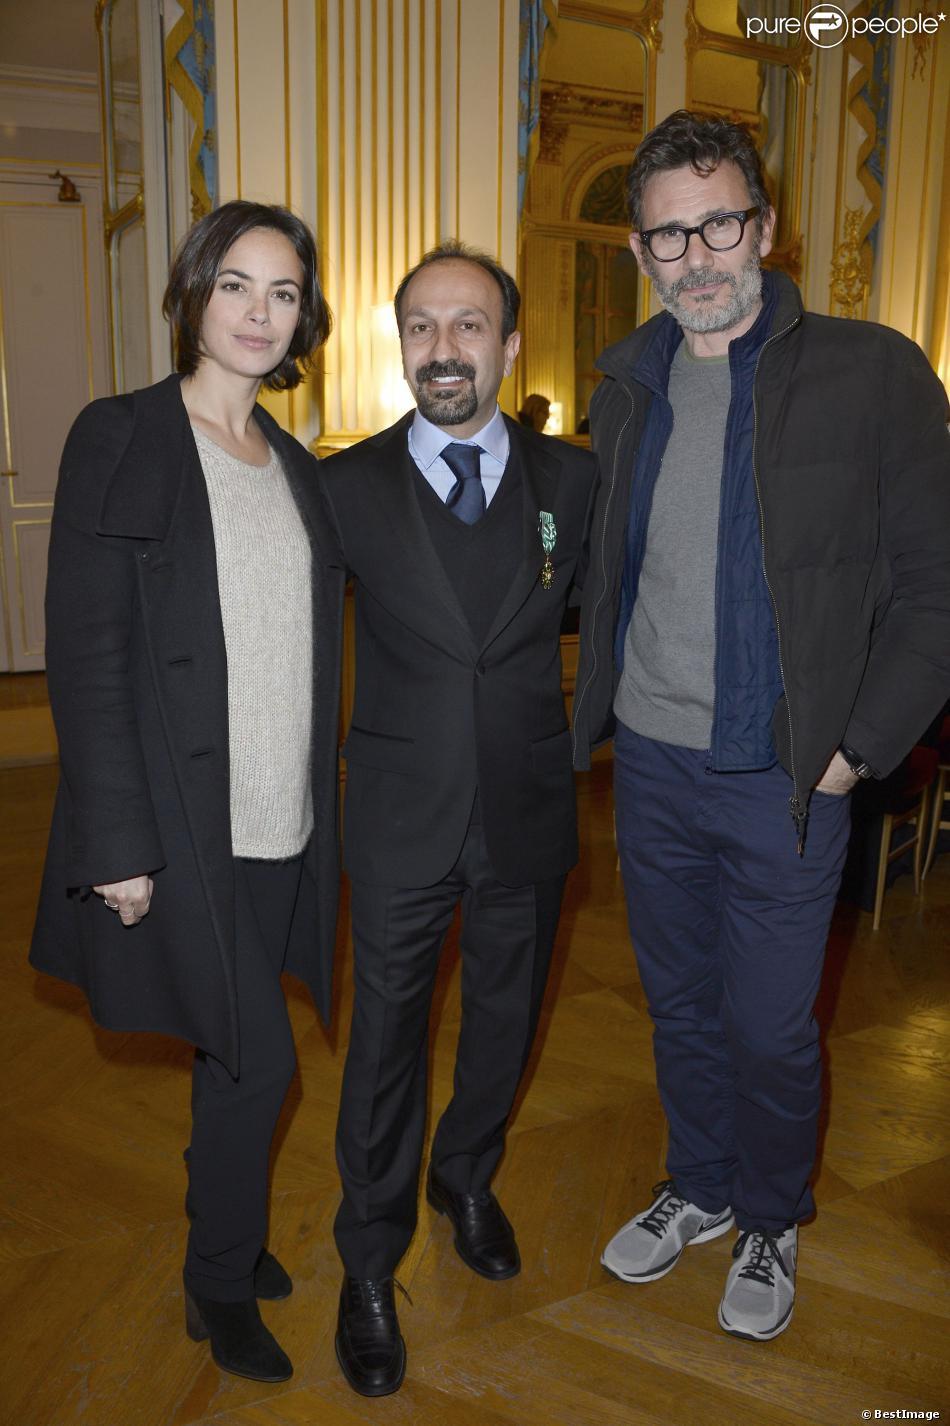 Bérénice Bejo, Asghar Farhadi et Michel Hazanavicius lorsque le cinéaste iranien a été décoré Officier de l'ordre des Arts et des Lettres au ministère de la Culture à Paris le 27 février 2014